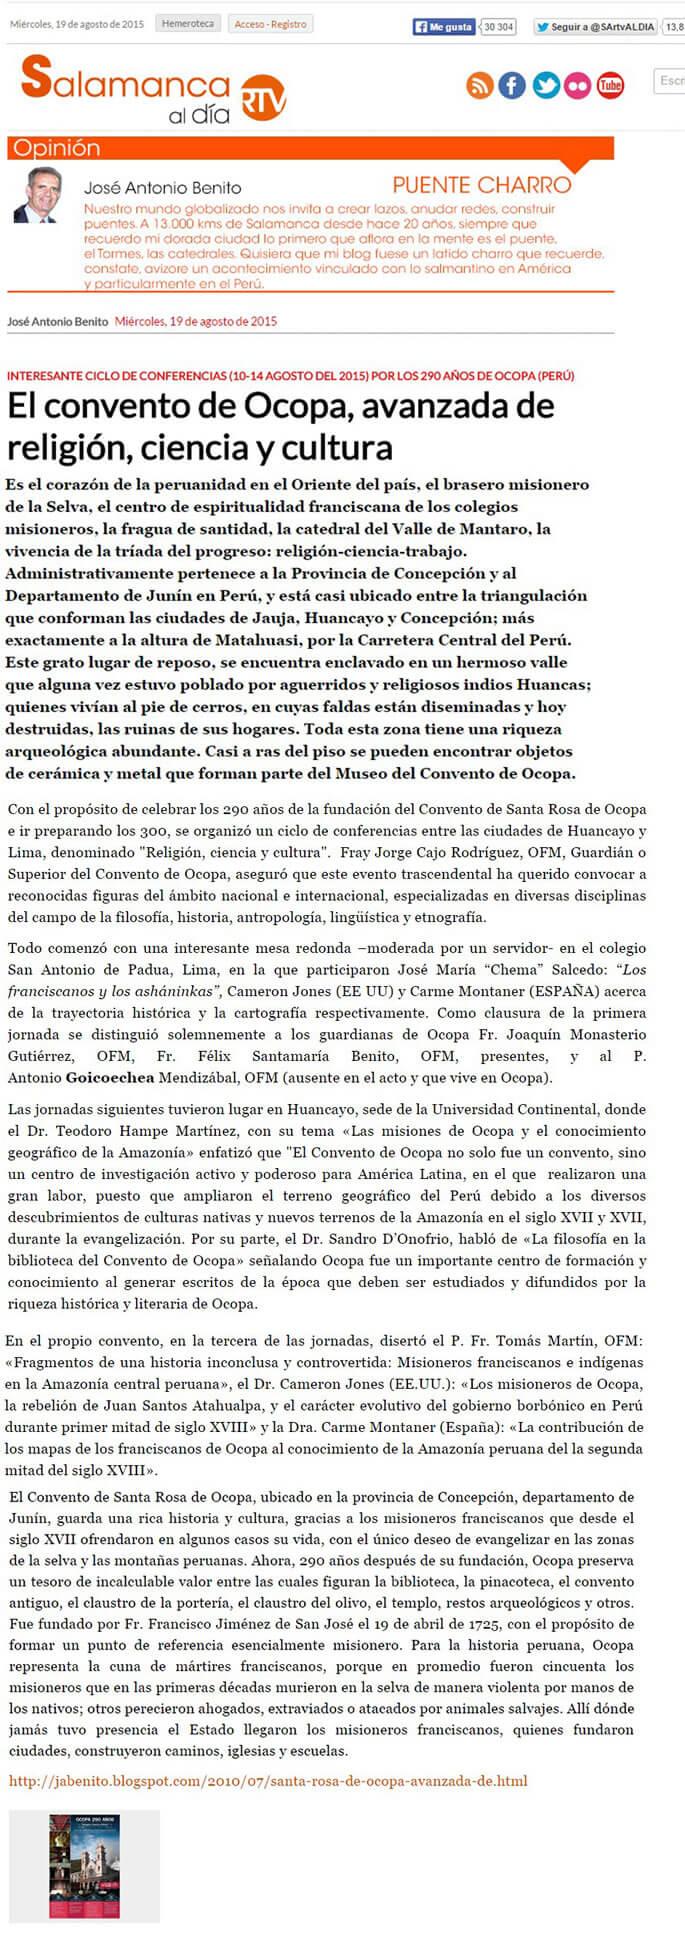 19 AGOSTO - WEB SALAMANCA- ESPAnA - OCOPA 290 AnOS